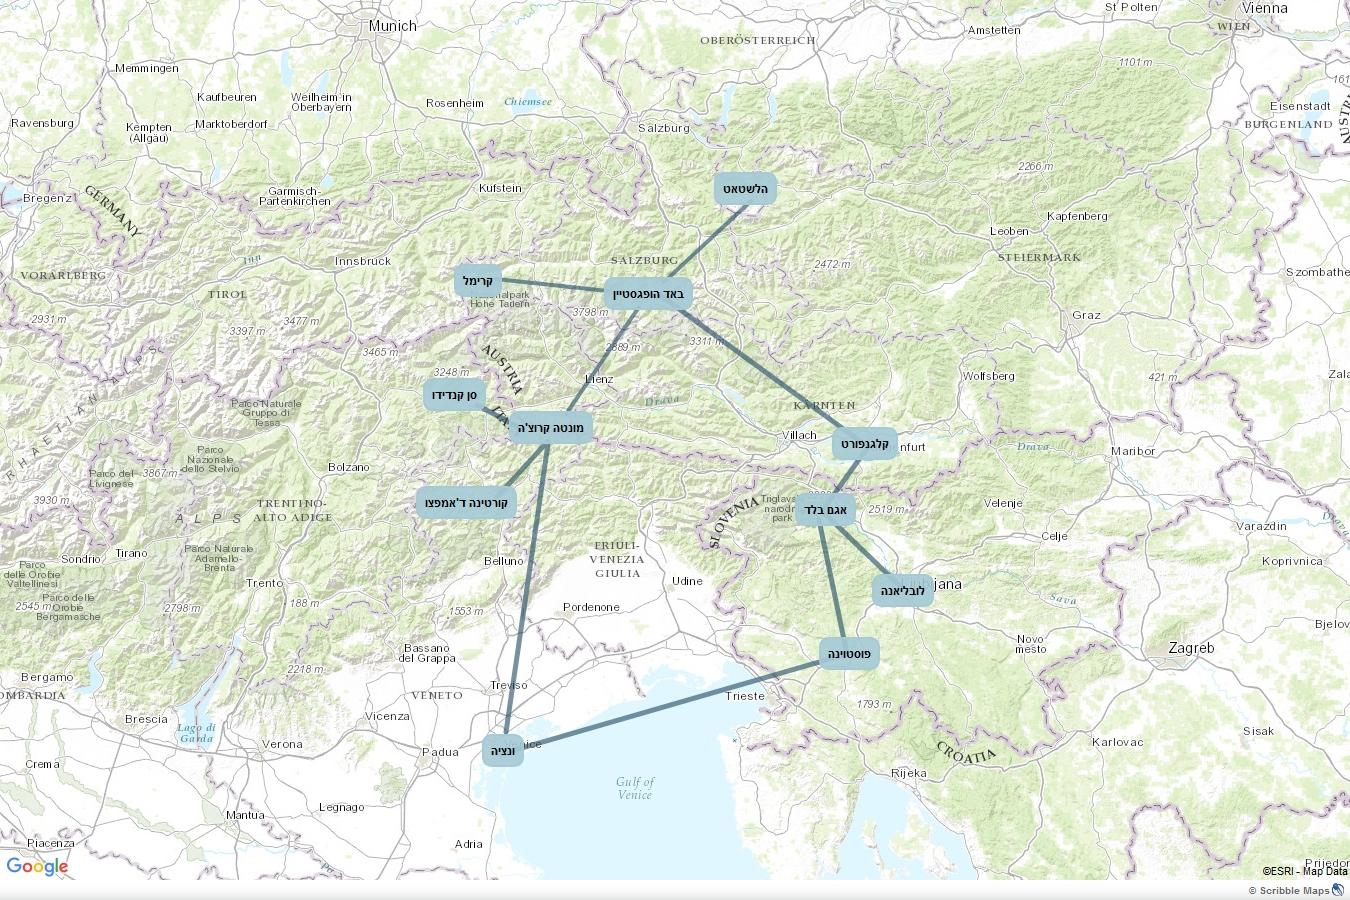 מגניב חבל זלצבורג, הרי הדולומיטים ובלד | בשביל הזהב AS-16